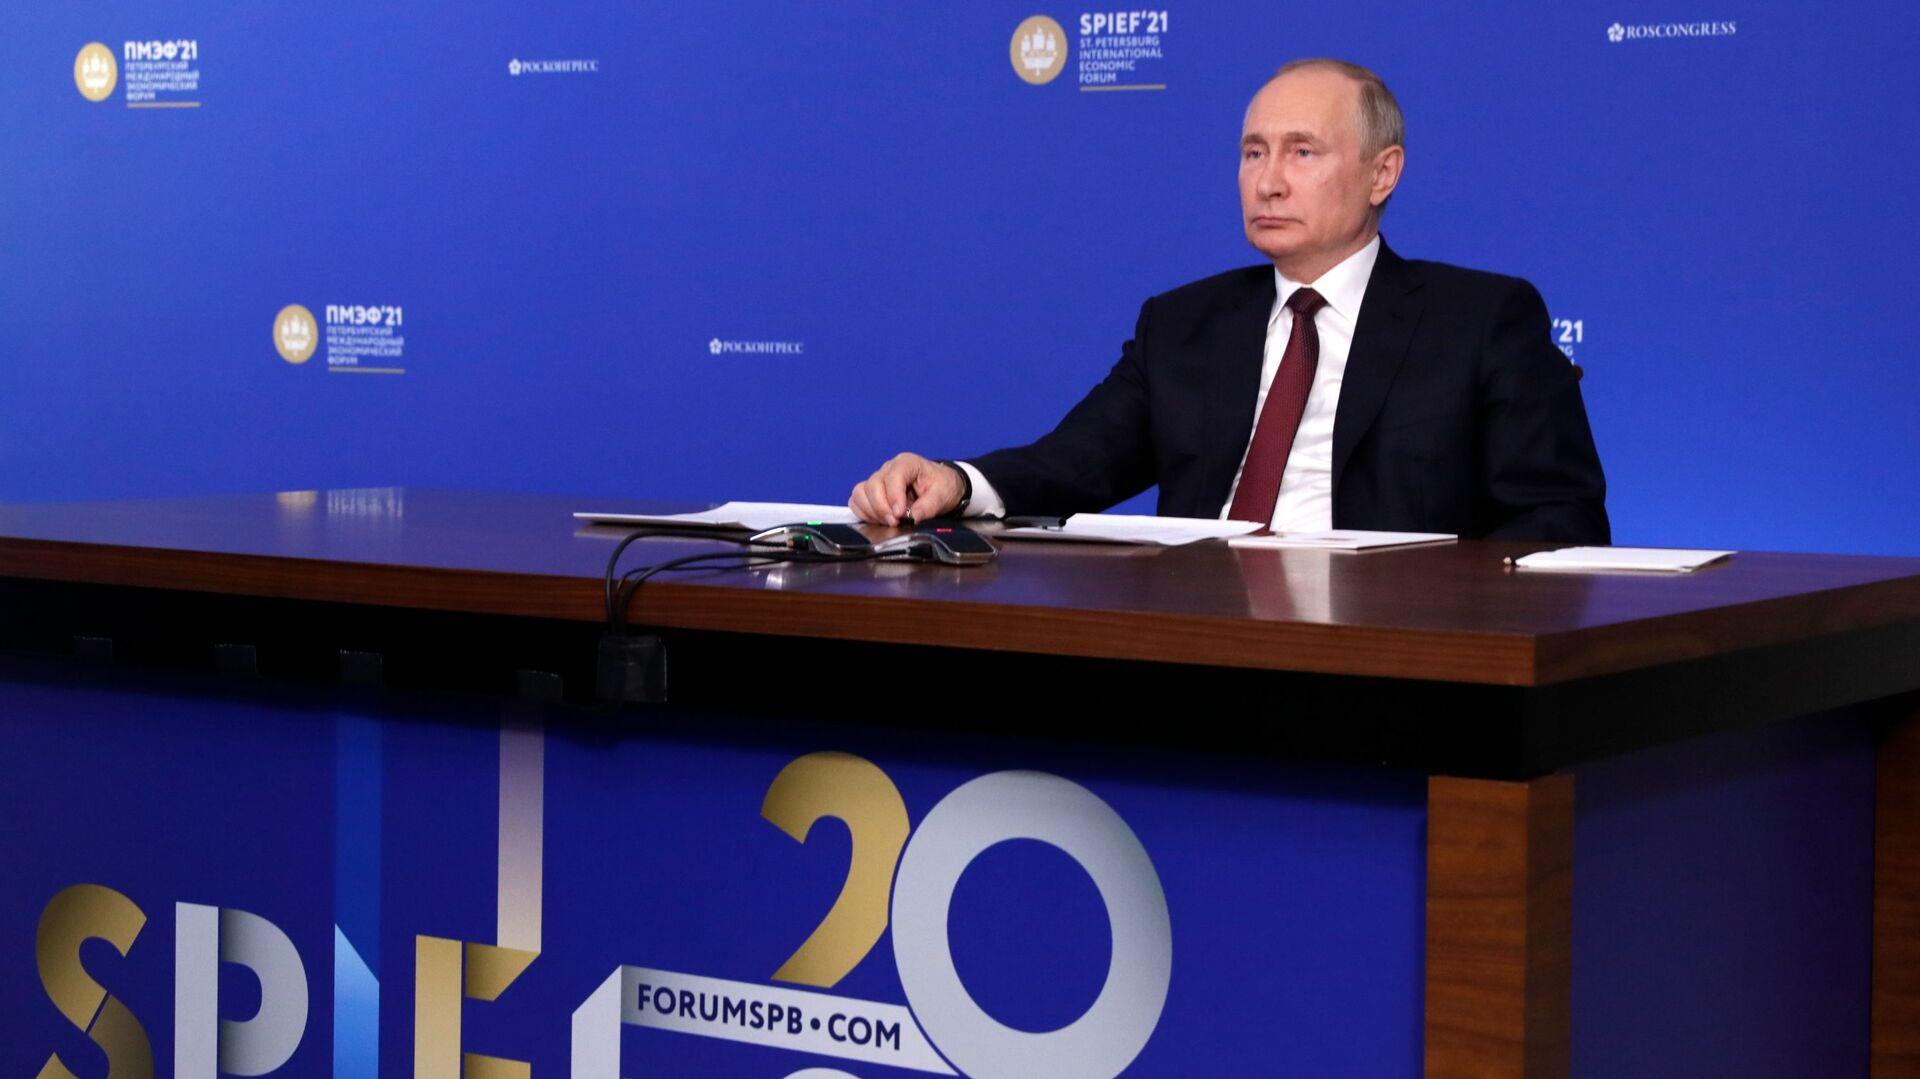 Ruský prezident Vladimir Putin na Petrohradském mezinárodním ekonomickém fóru 2021 - Sputnik Česká republika, 1920, 12.06.2021